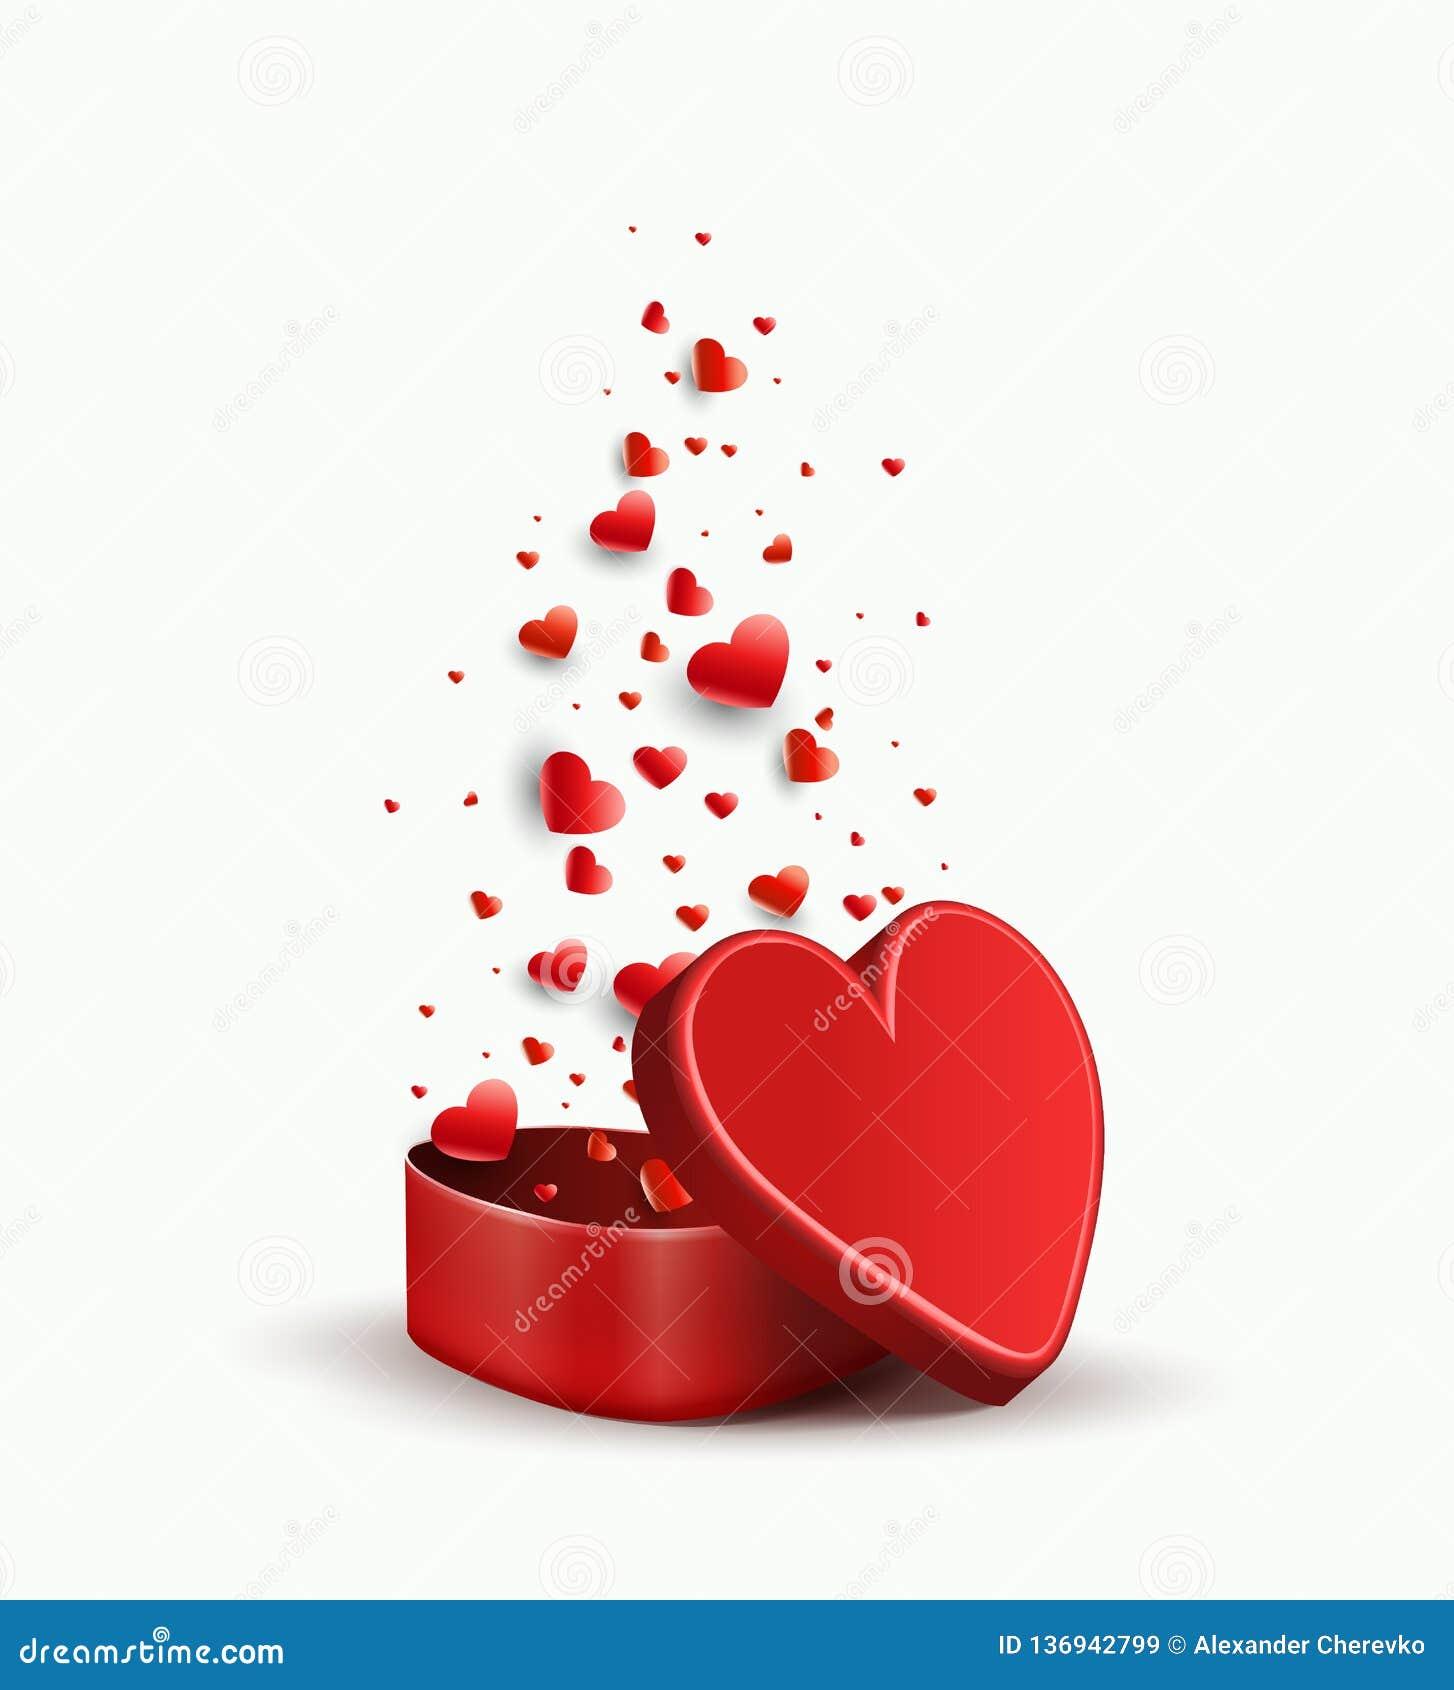 Composizione con un cofanetto rosso e vari cuori rossi,